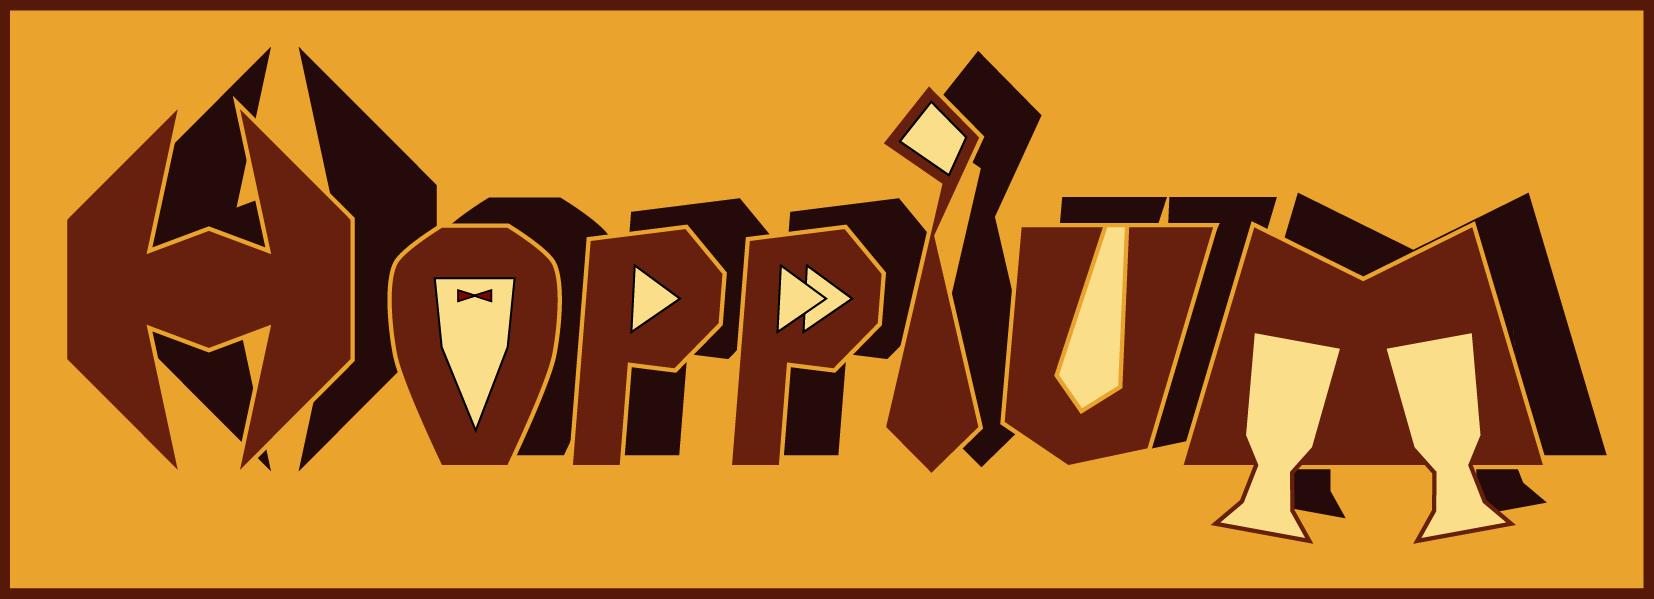 Логотип + Ценники для подмосковной крафтовой пивоварни фото f_0795dc434d2b81d2.png